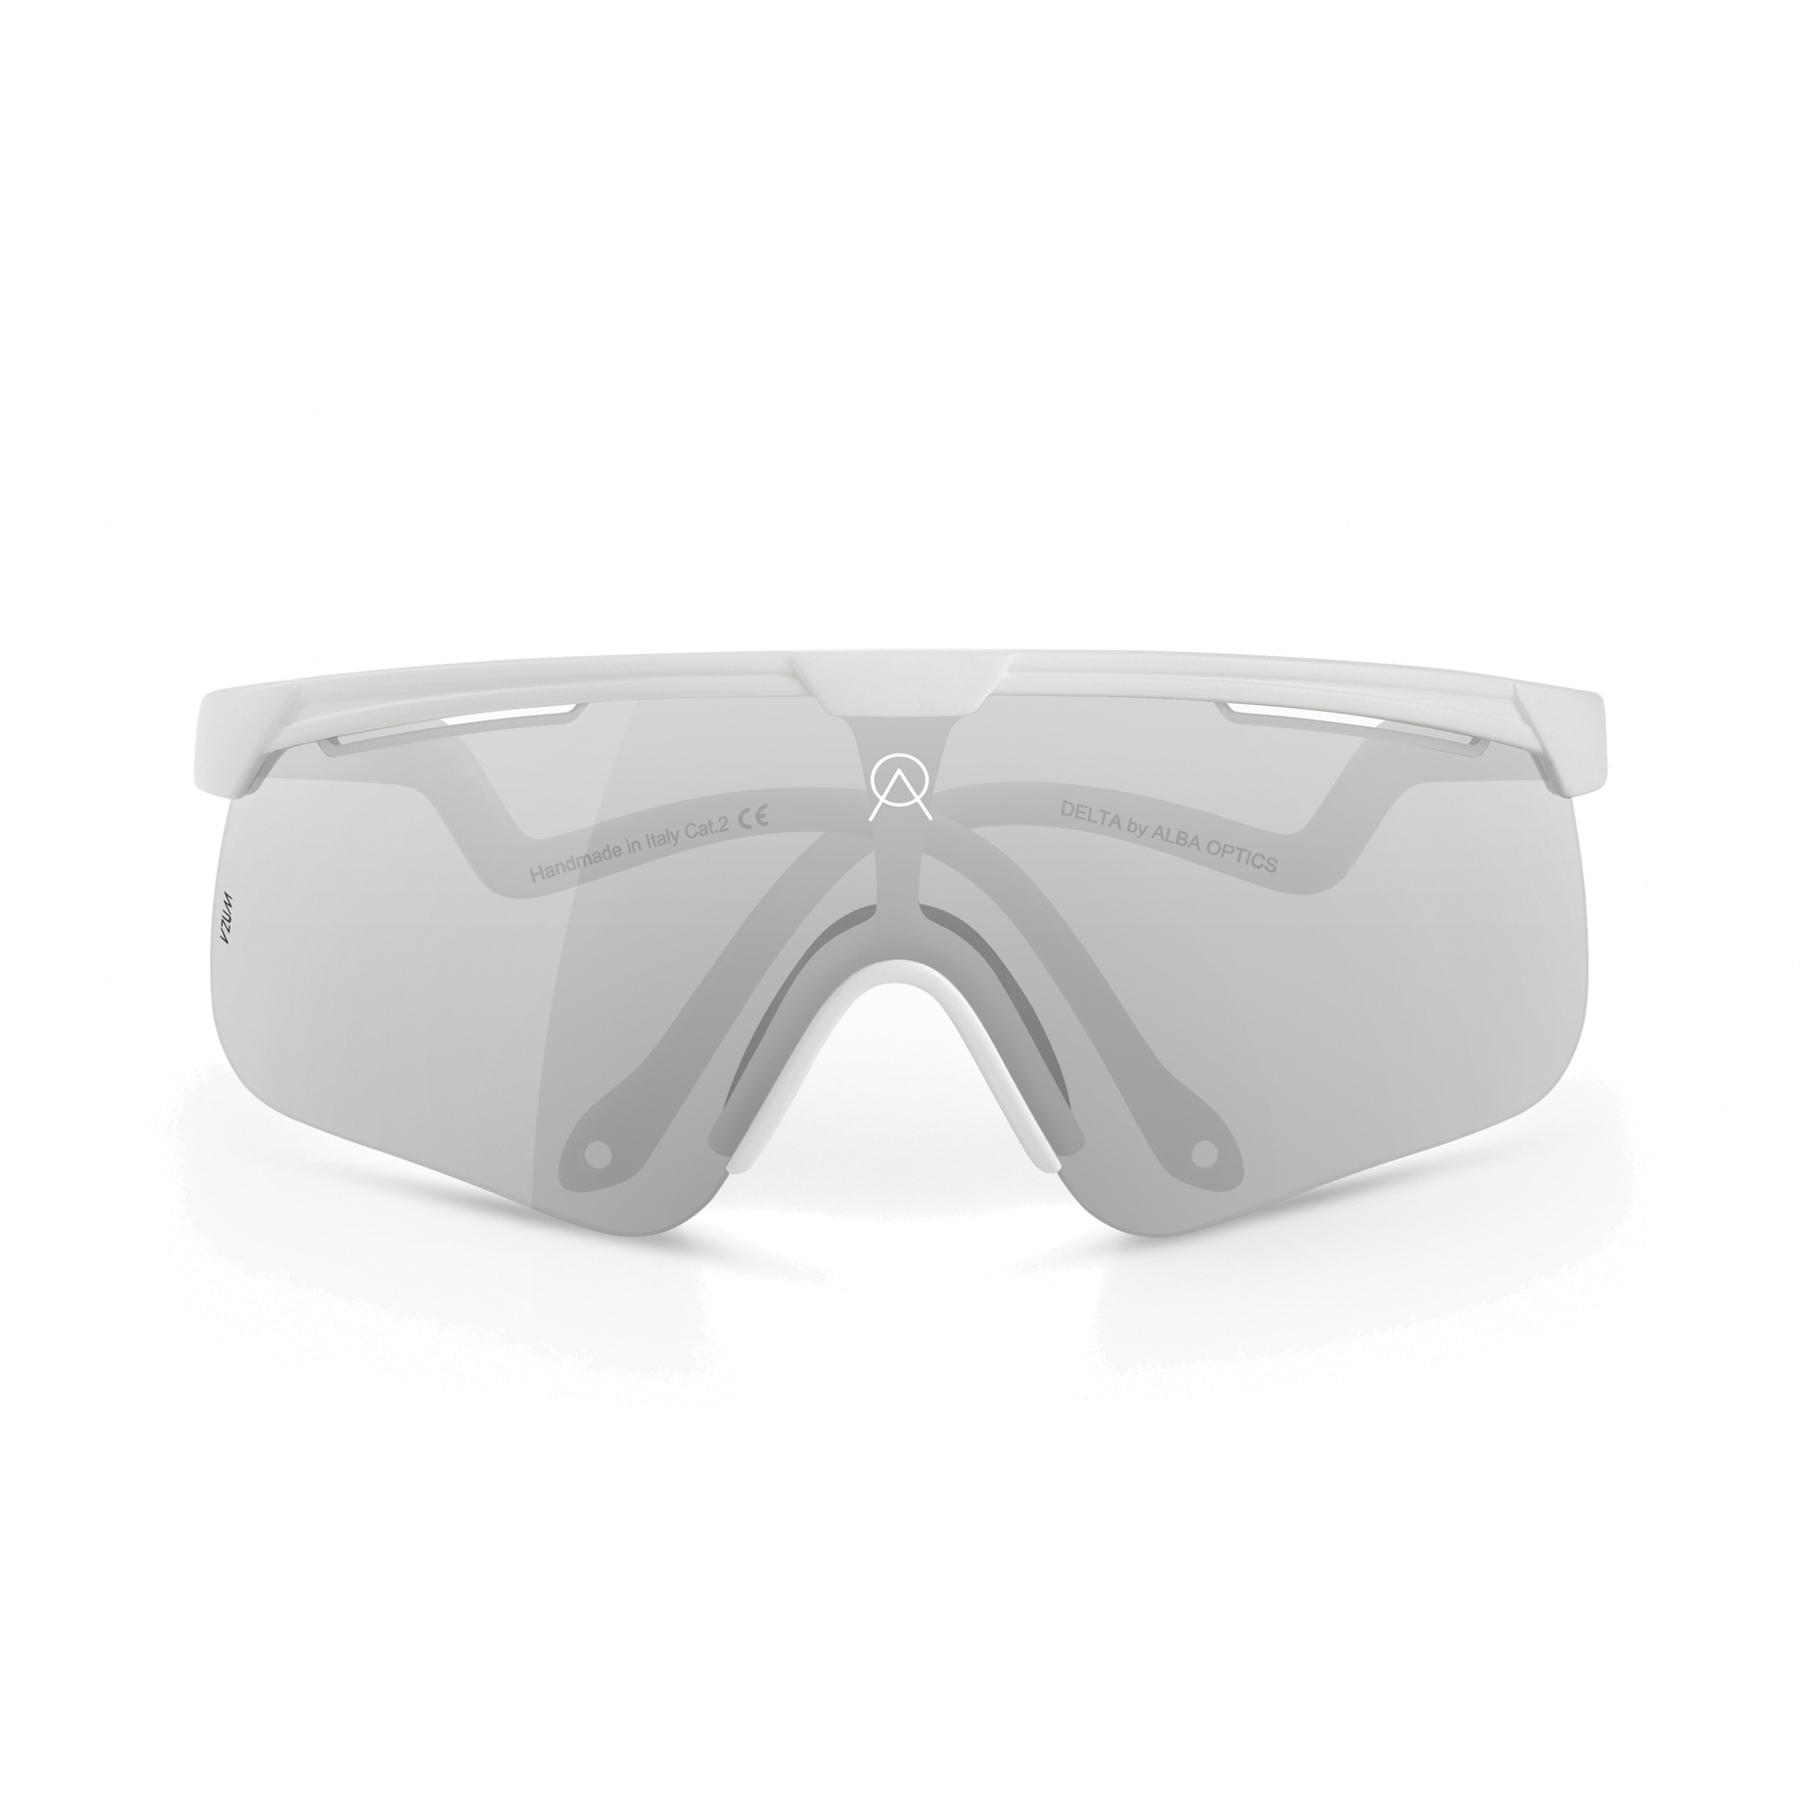 ALBA Delta White / VZUM MR ALU Glasses